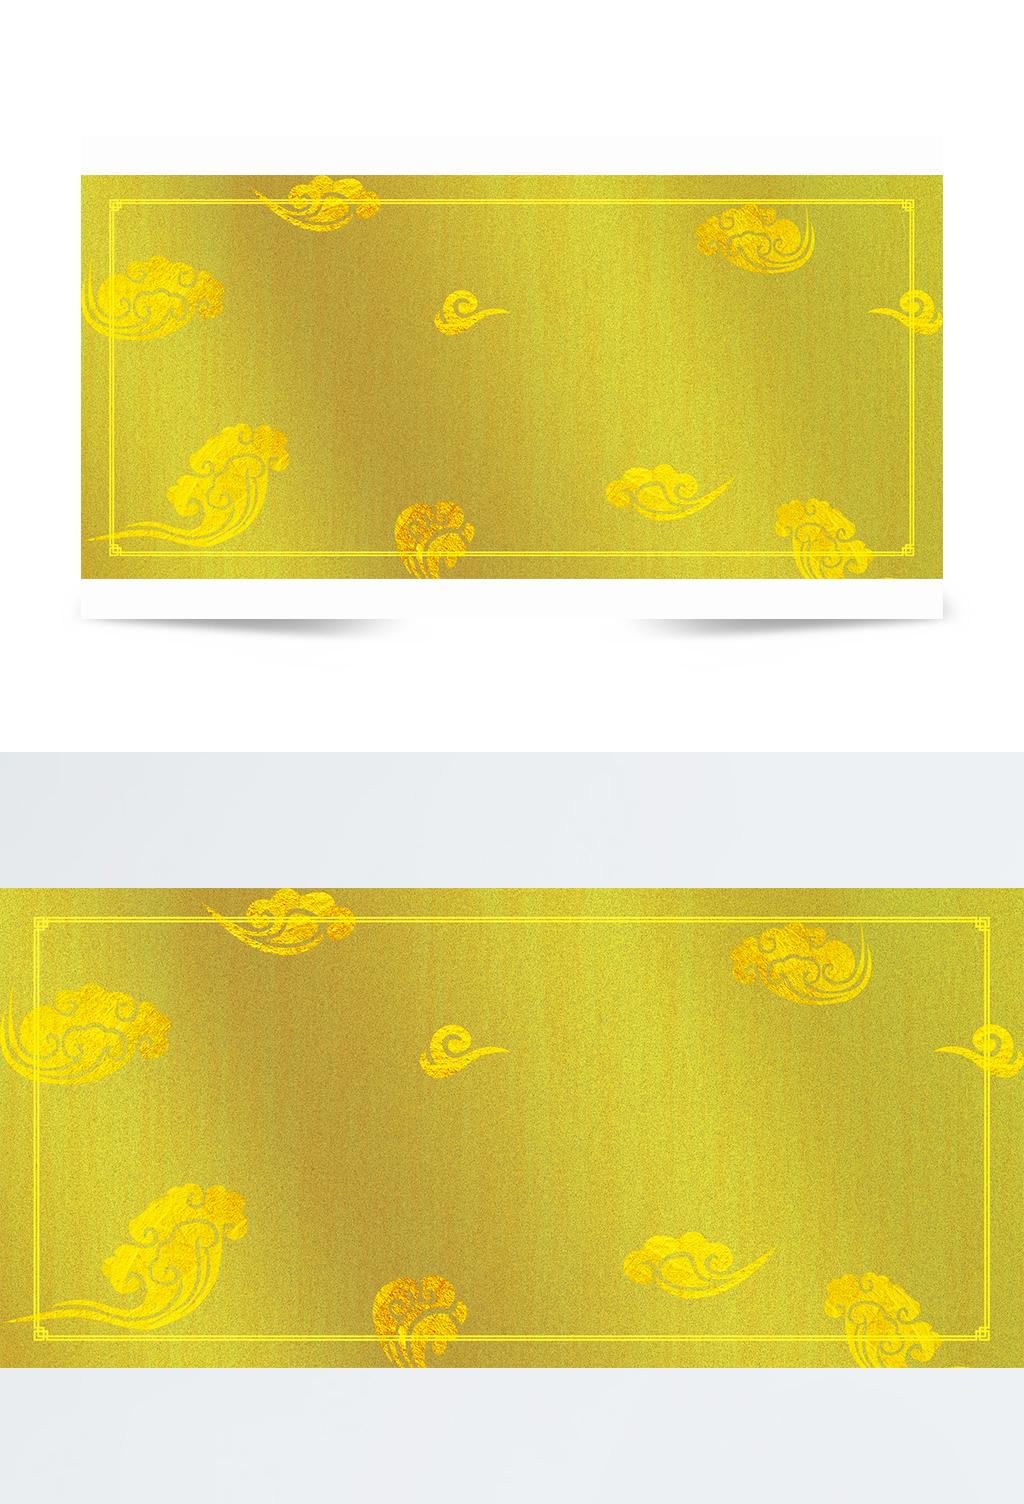 金色喜庆祥云颗粒质感金色渐变中式背景